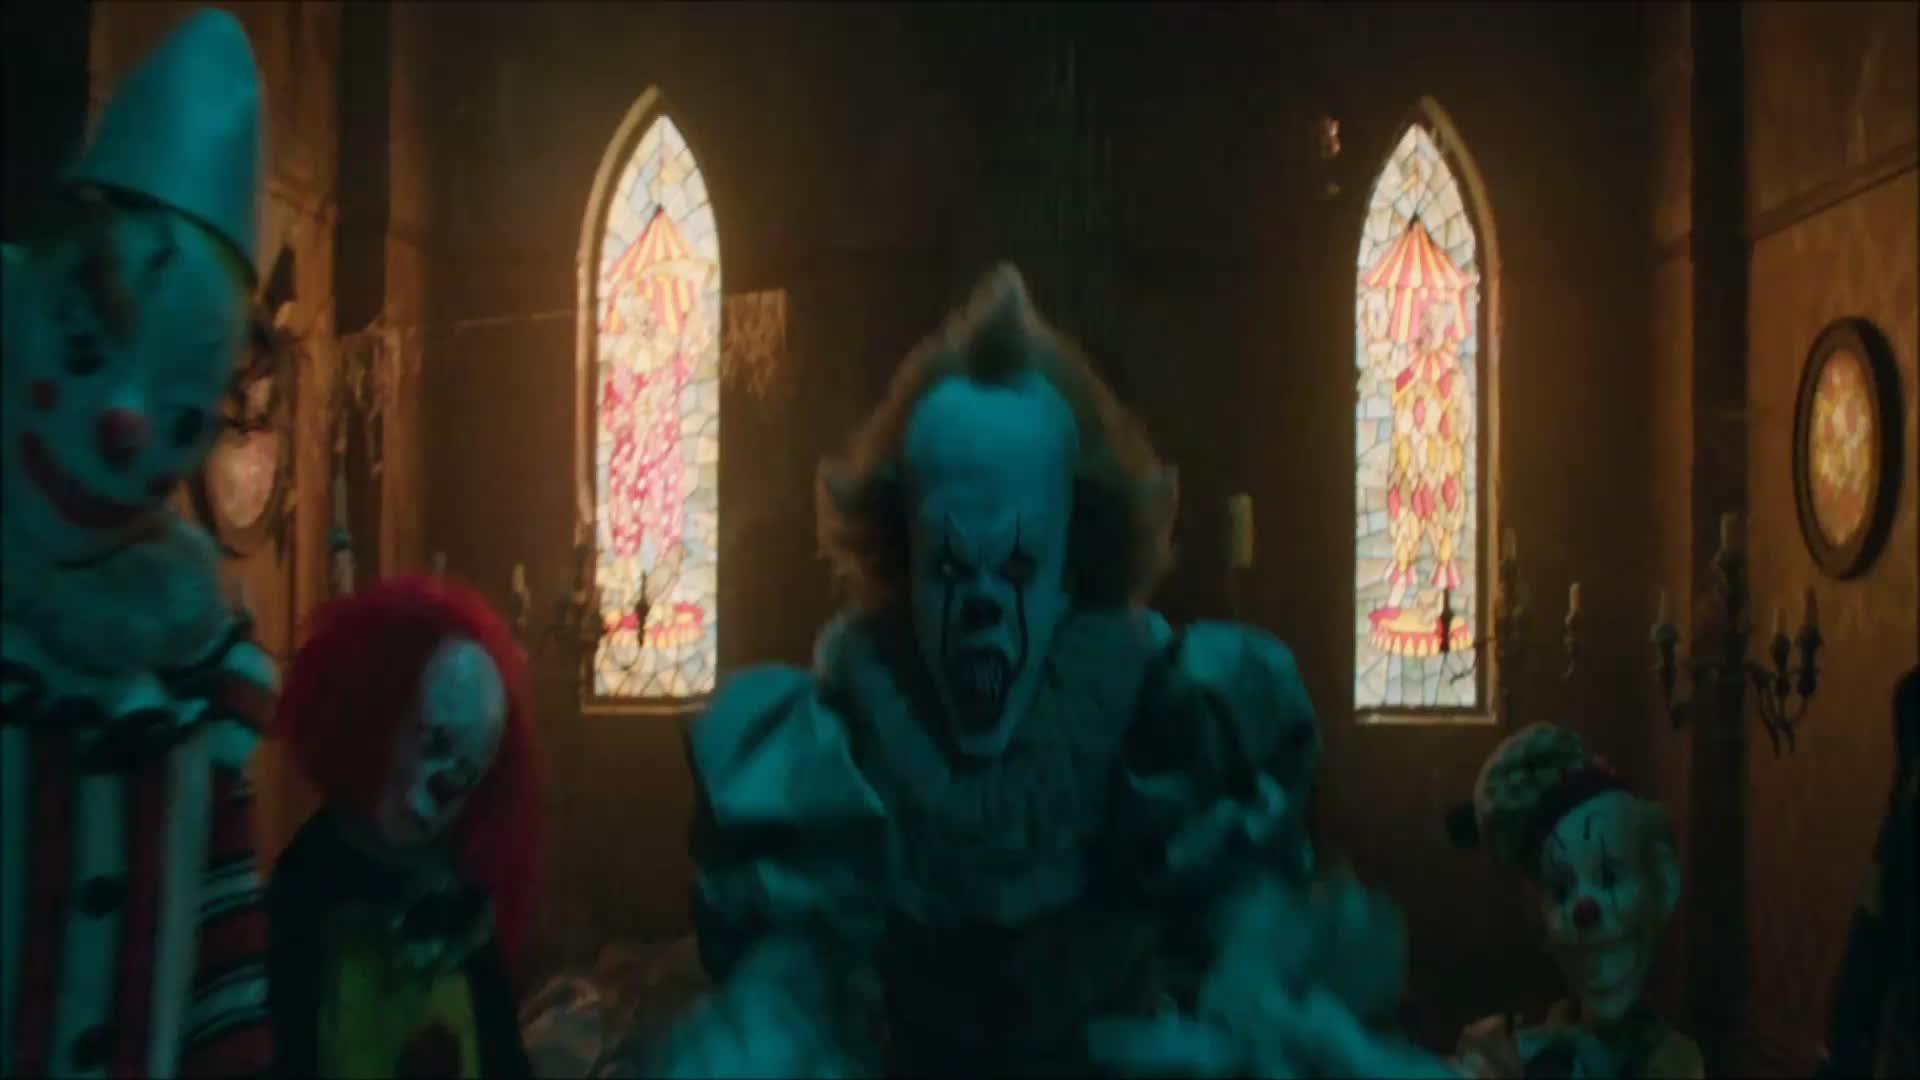 clown, creepy, horror, it, it movie, scary, warner bros., warnerbros, wb, Grab. GIFs